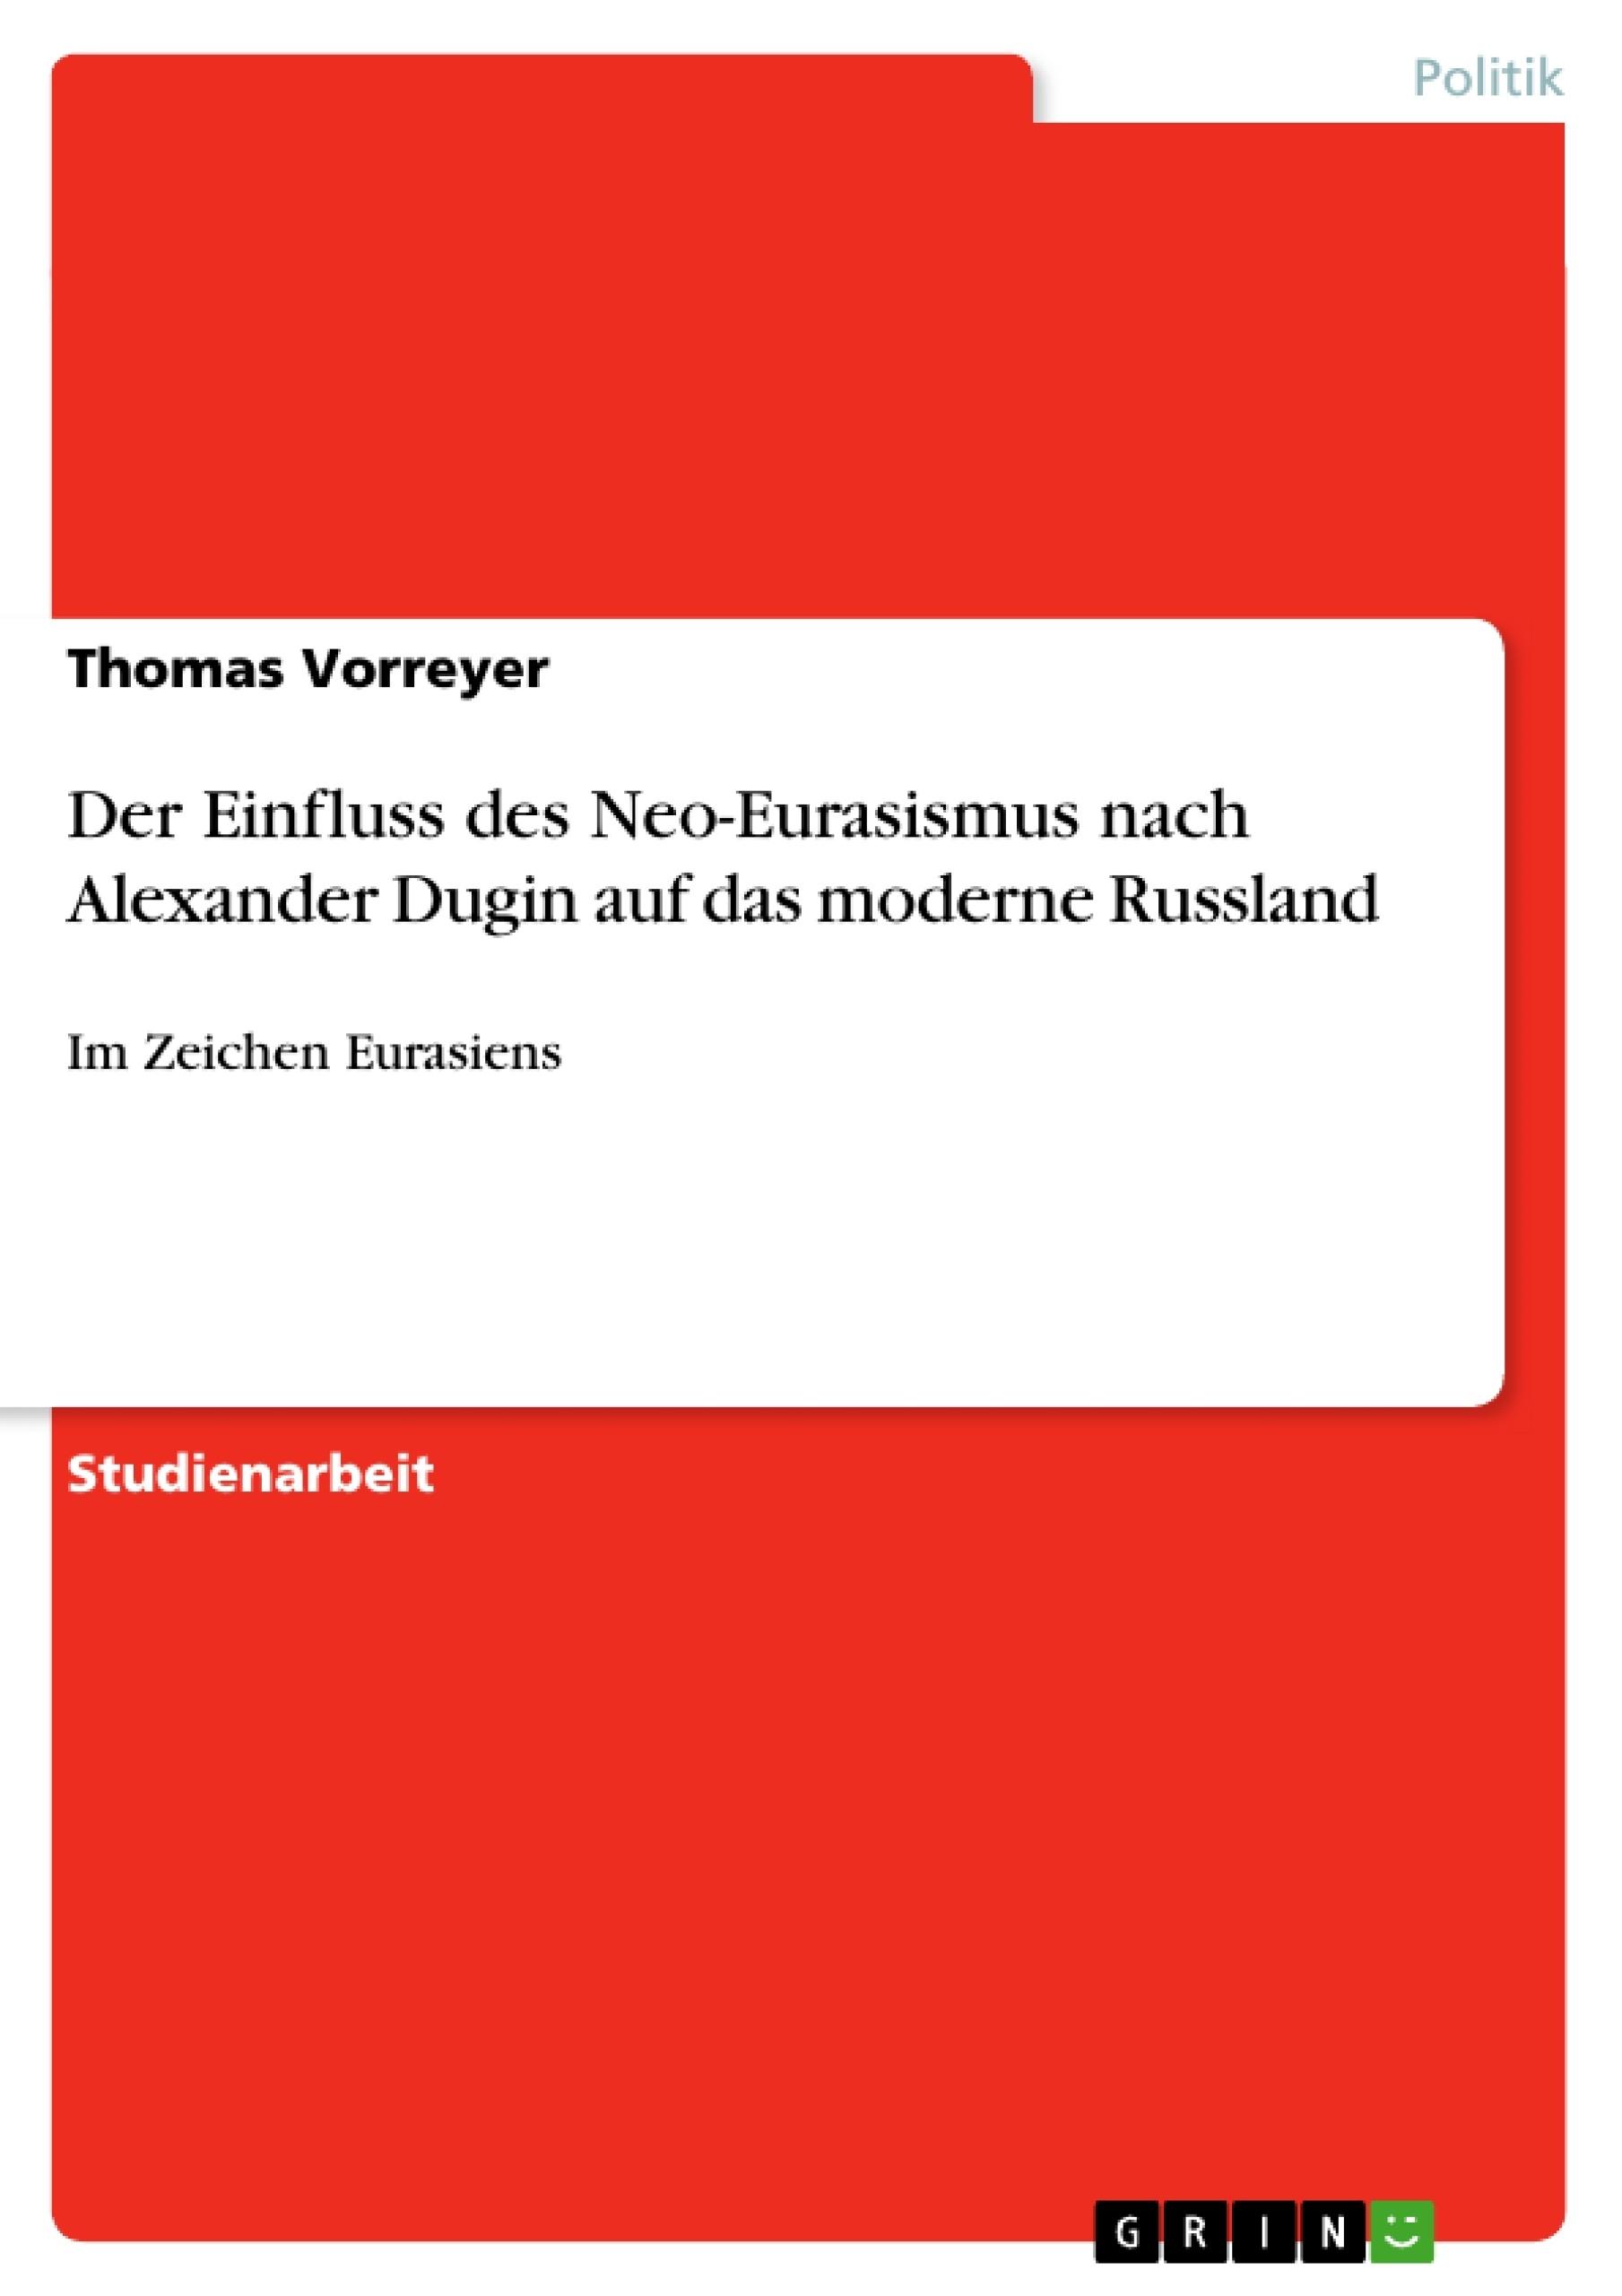 Titel: Der Einfluss des Neo-Eurasismus nach Alexander Dugin auf das moderne Russland